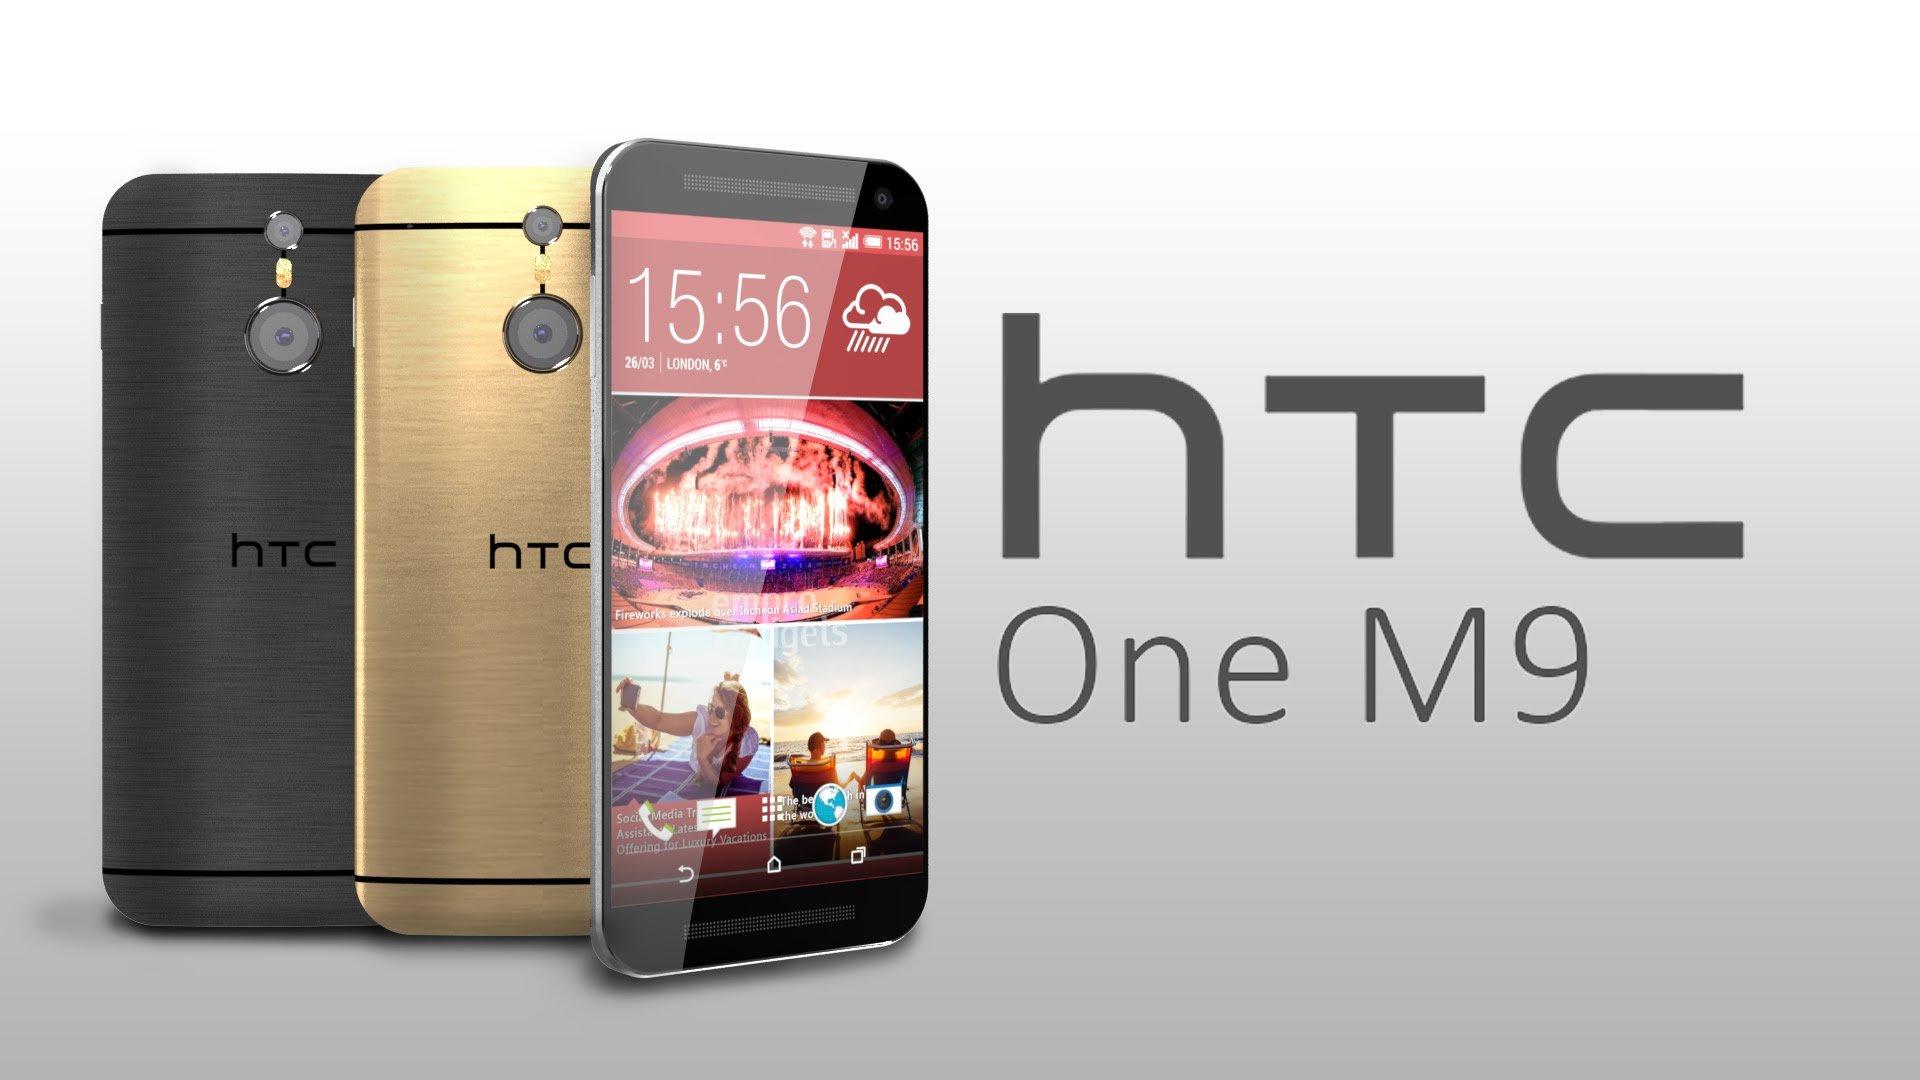 Descarga los fondos del pantalla del HTC One M9 - Image